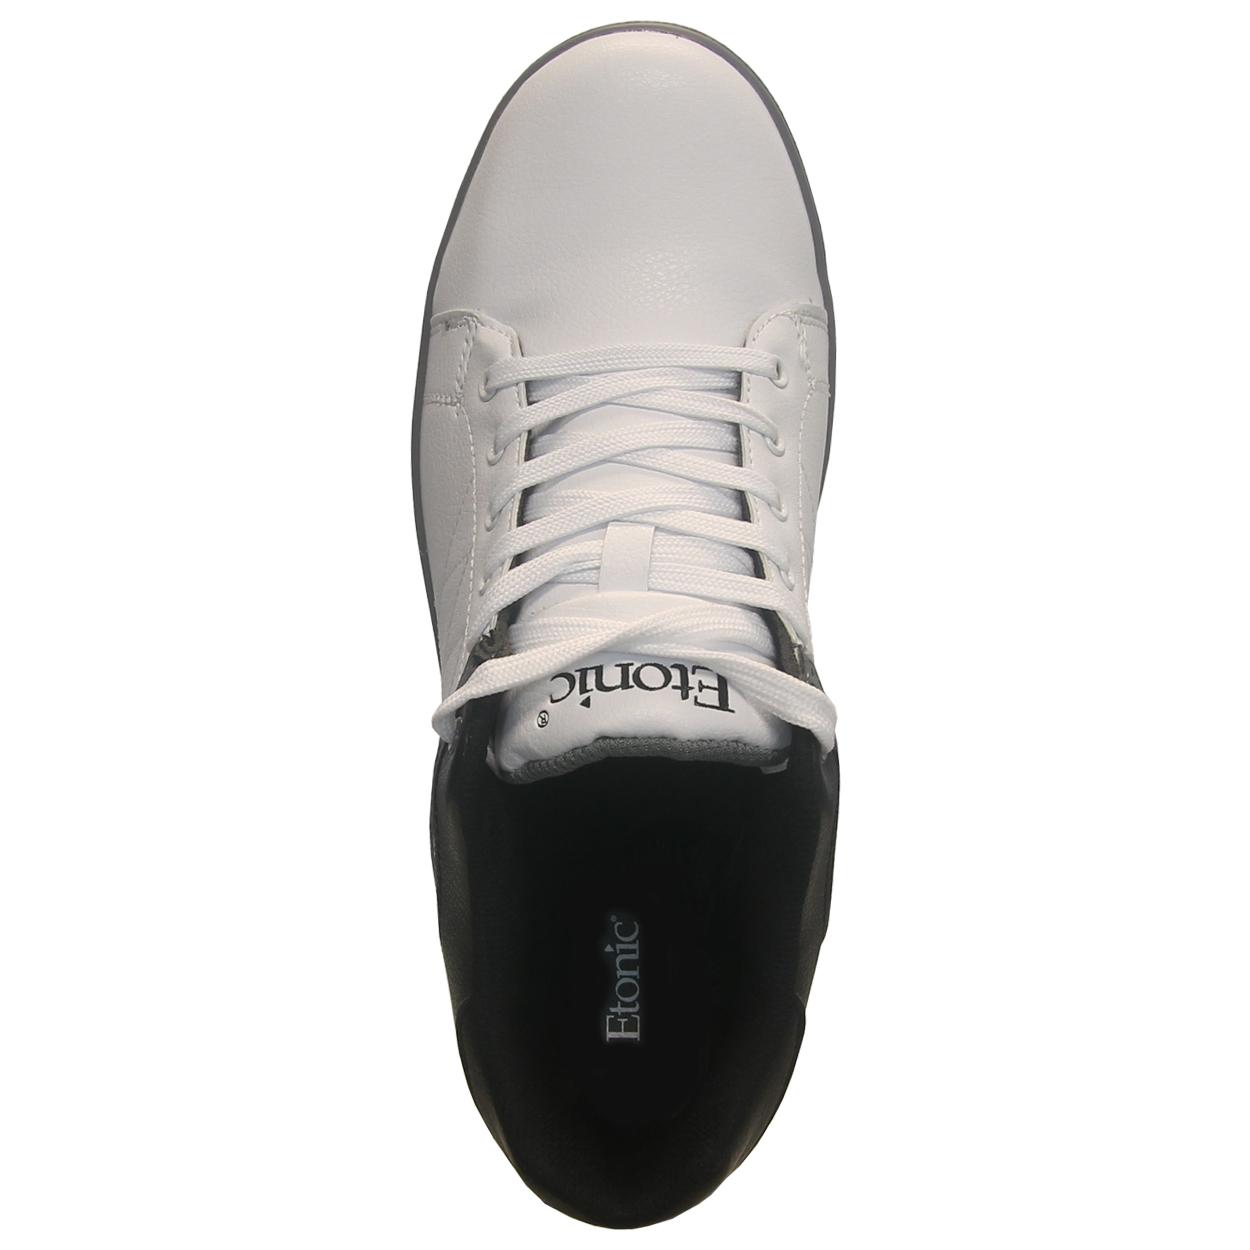 Etonic-Men-039-s-SP-Lite-Spikeless-Golf-Shoe-Brand-New thumbnail 7